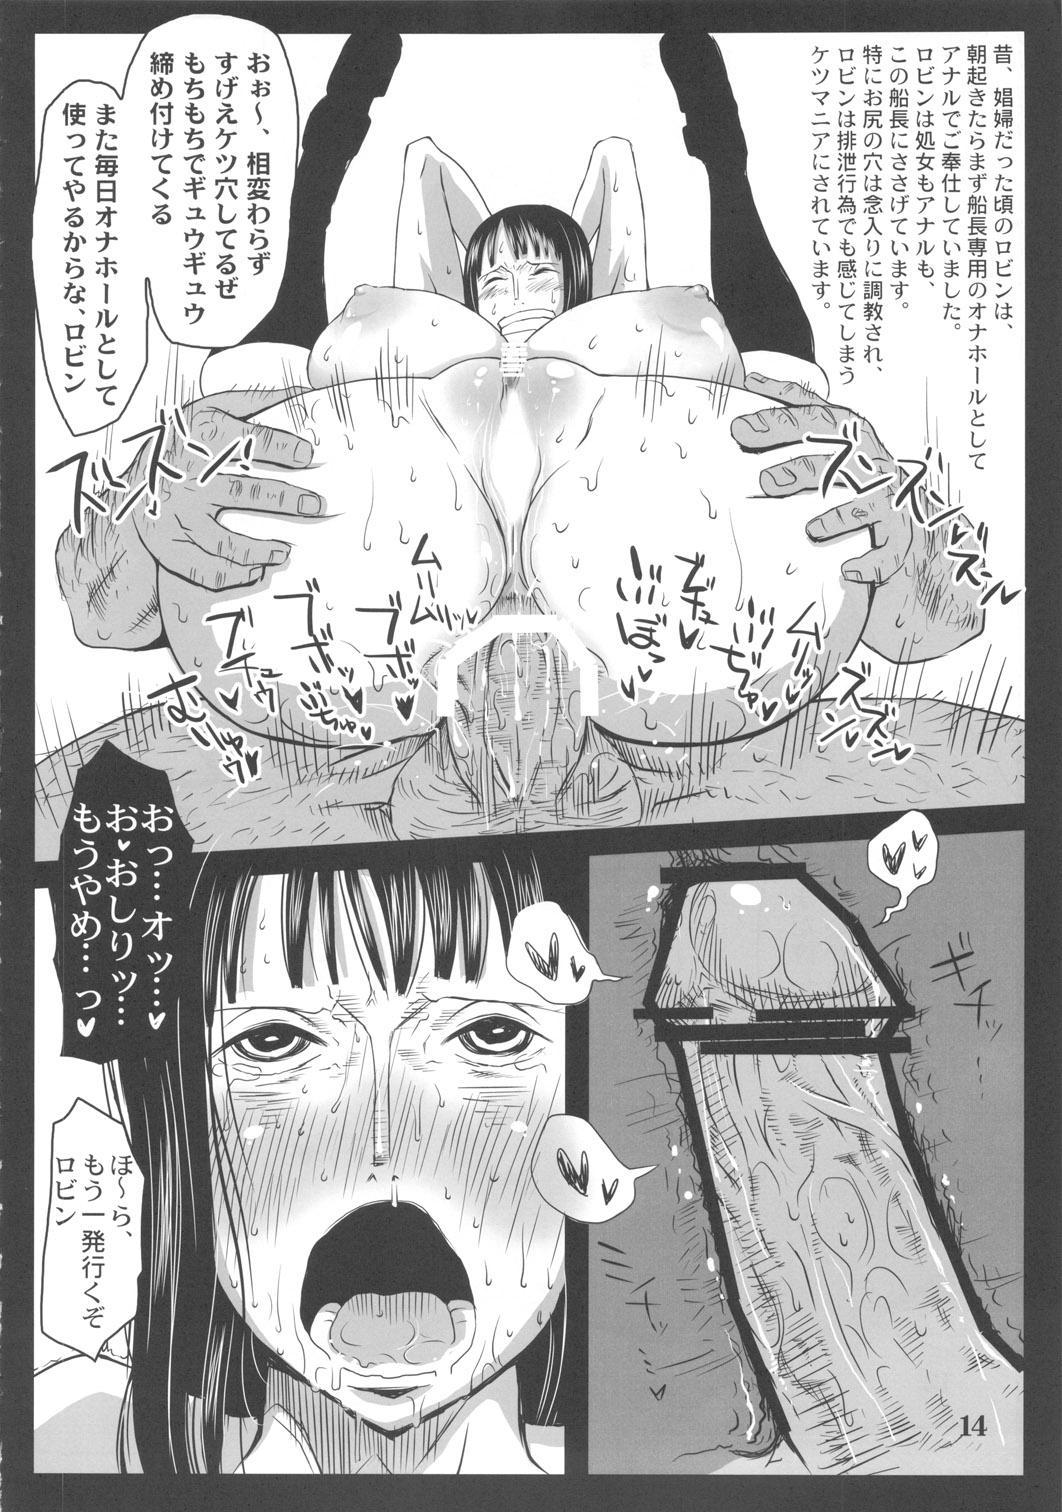 Metabolism-OP Kyonyuu Kyoshiri Shoufu Nico Robin no Keshi Taikako 12